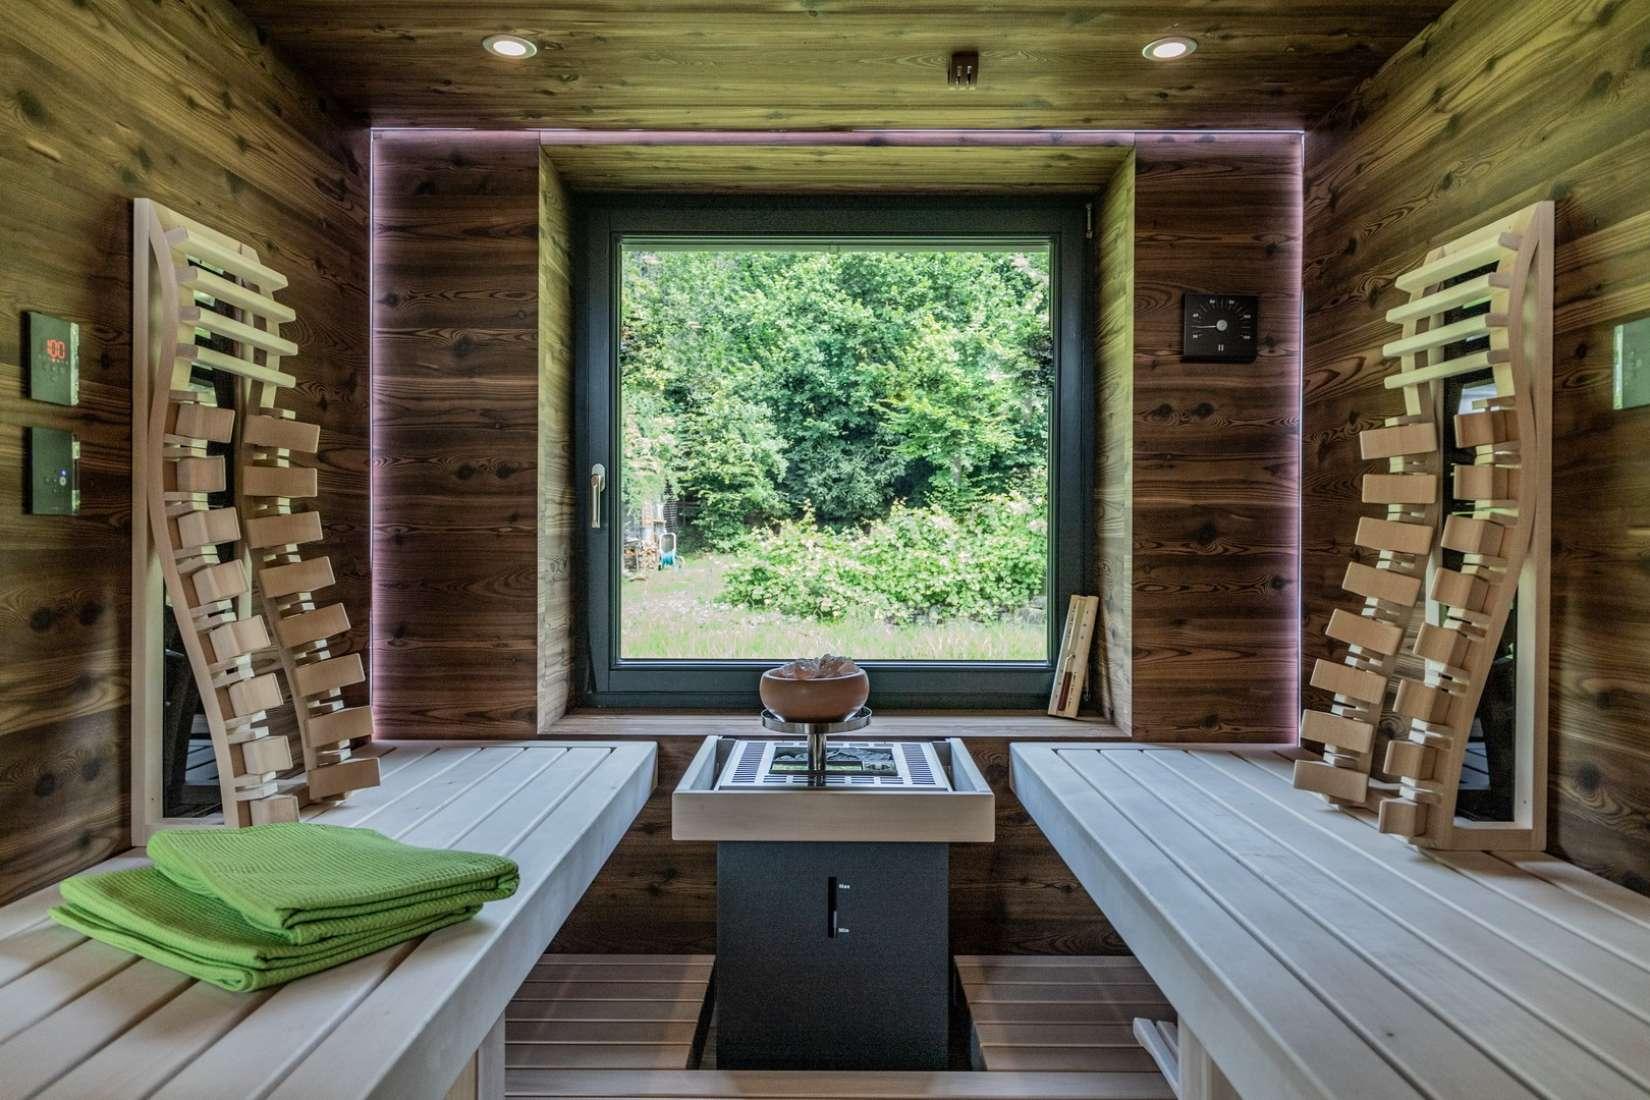 Hüttenbrenner Waidhofen Sauna Lyra 1